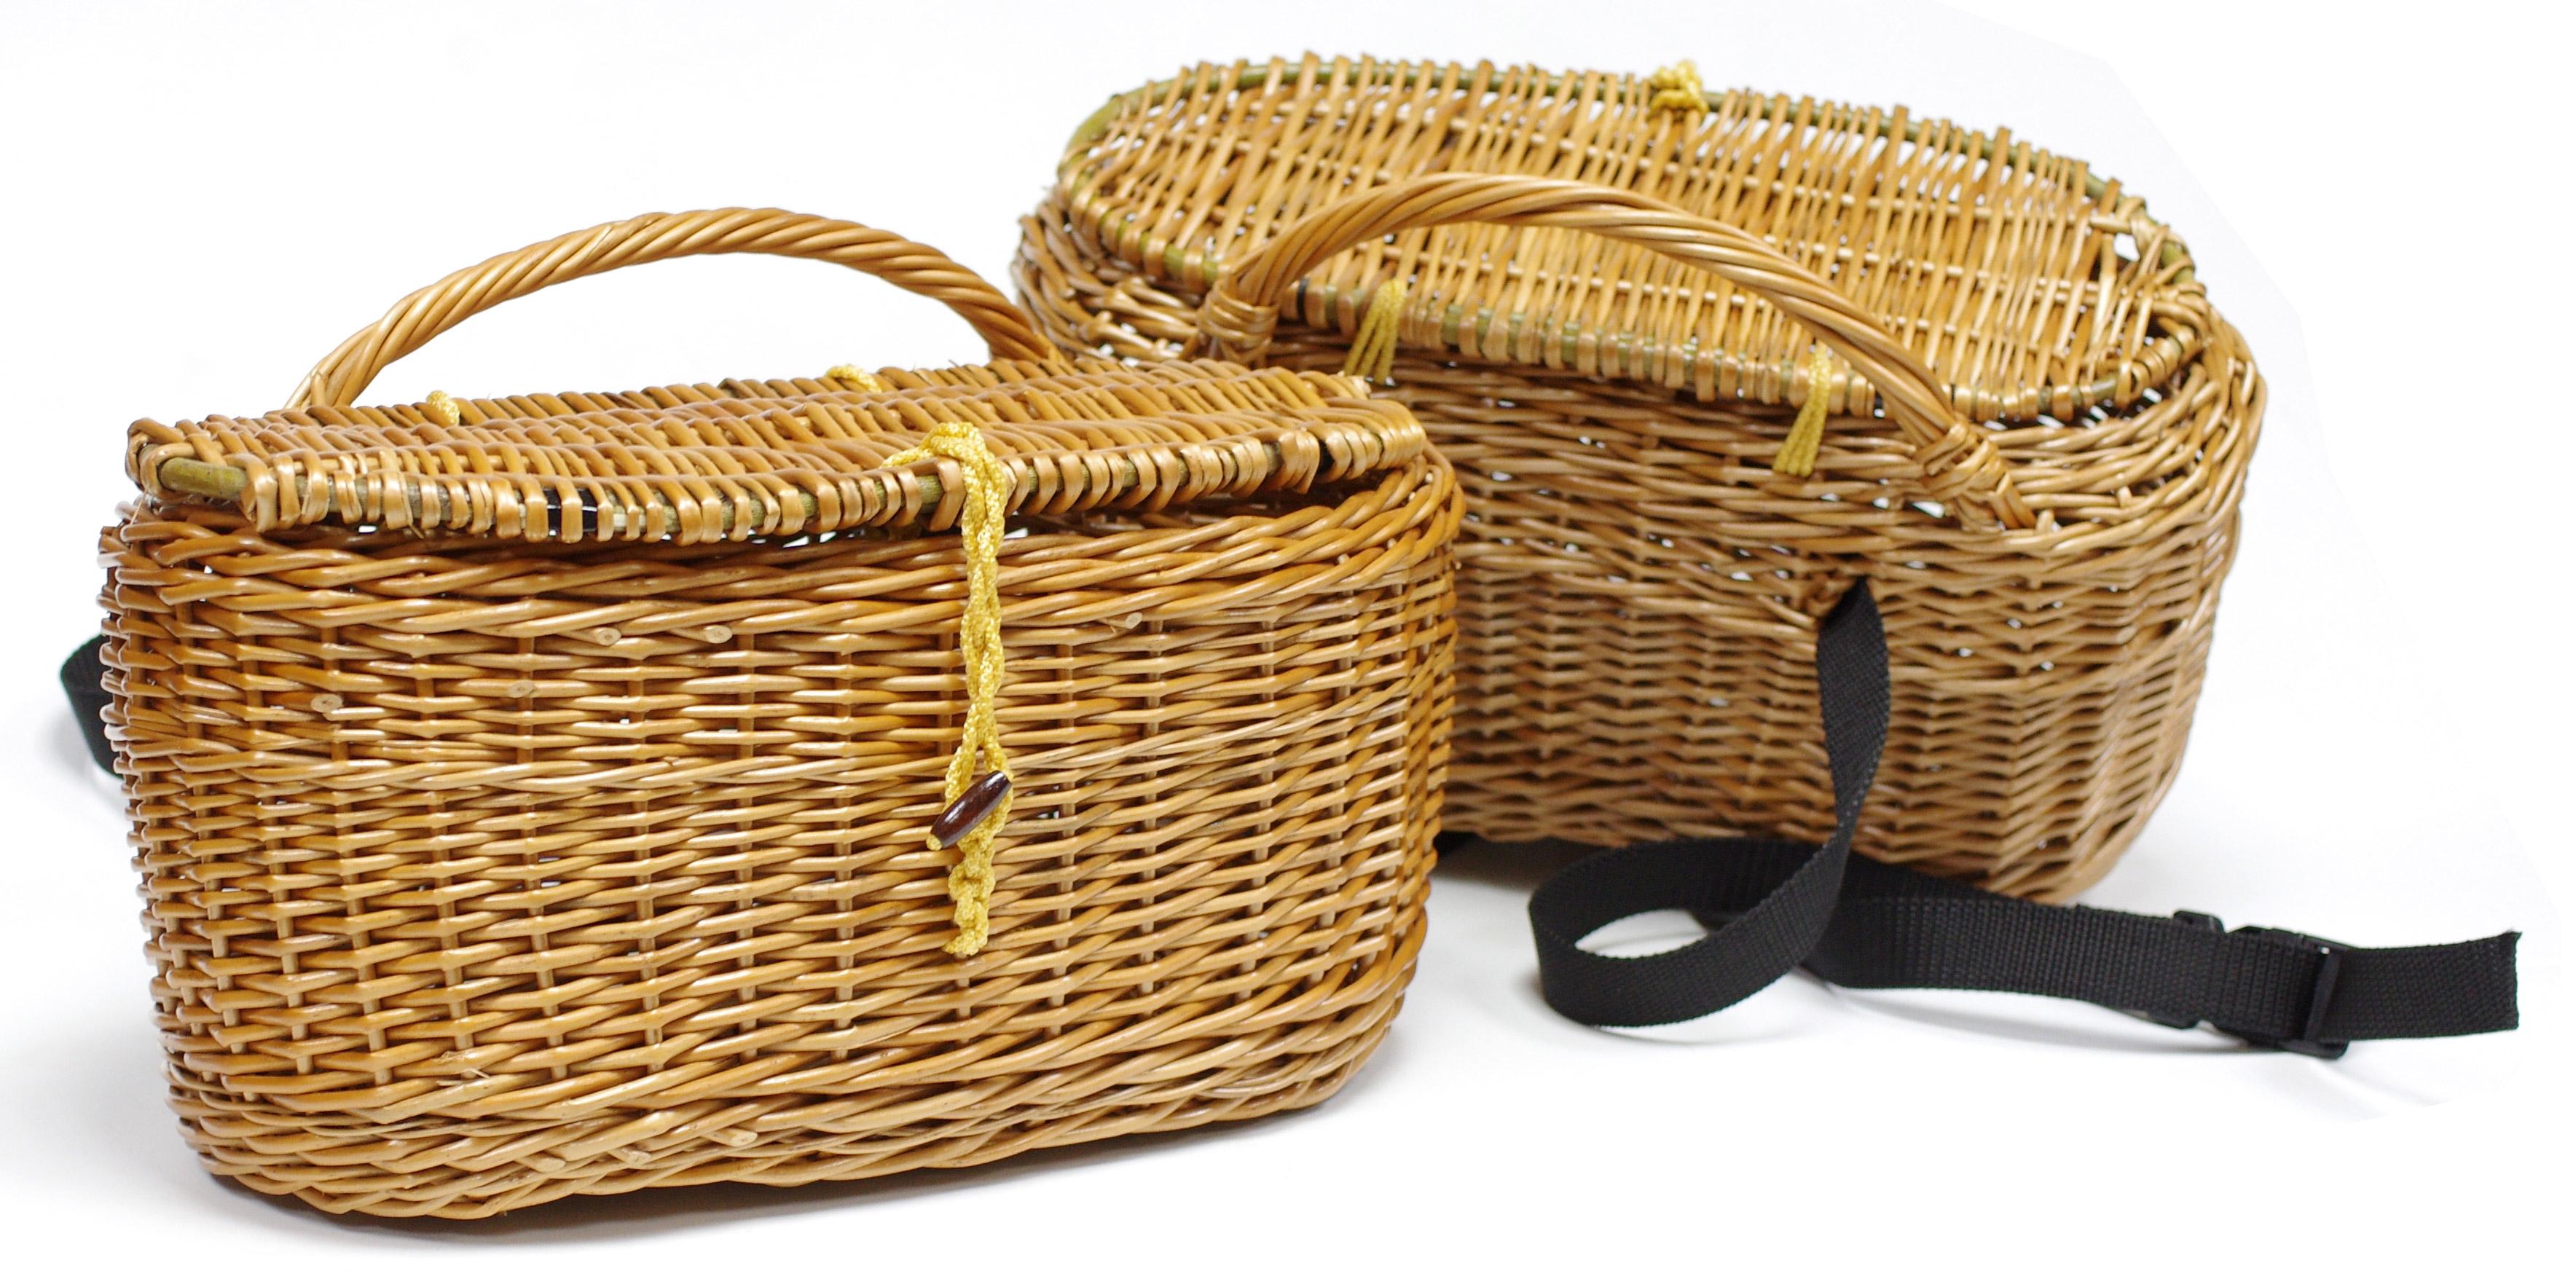 сумка рыбака из ивовых прутьев